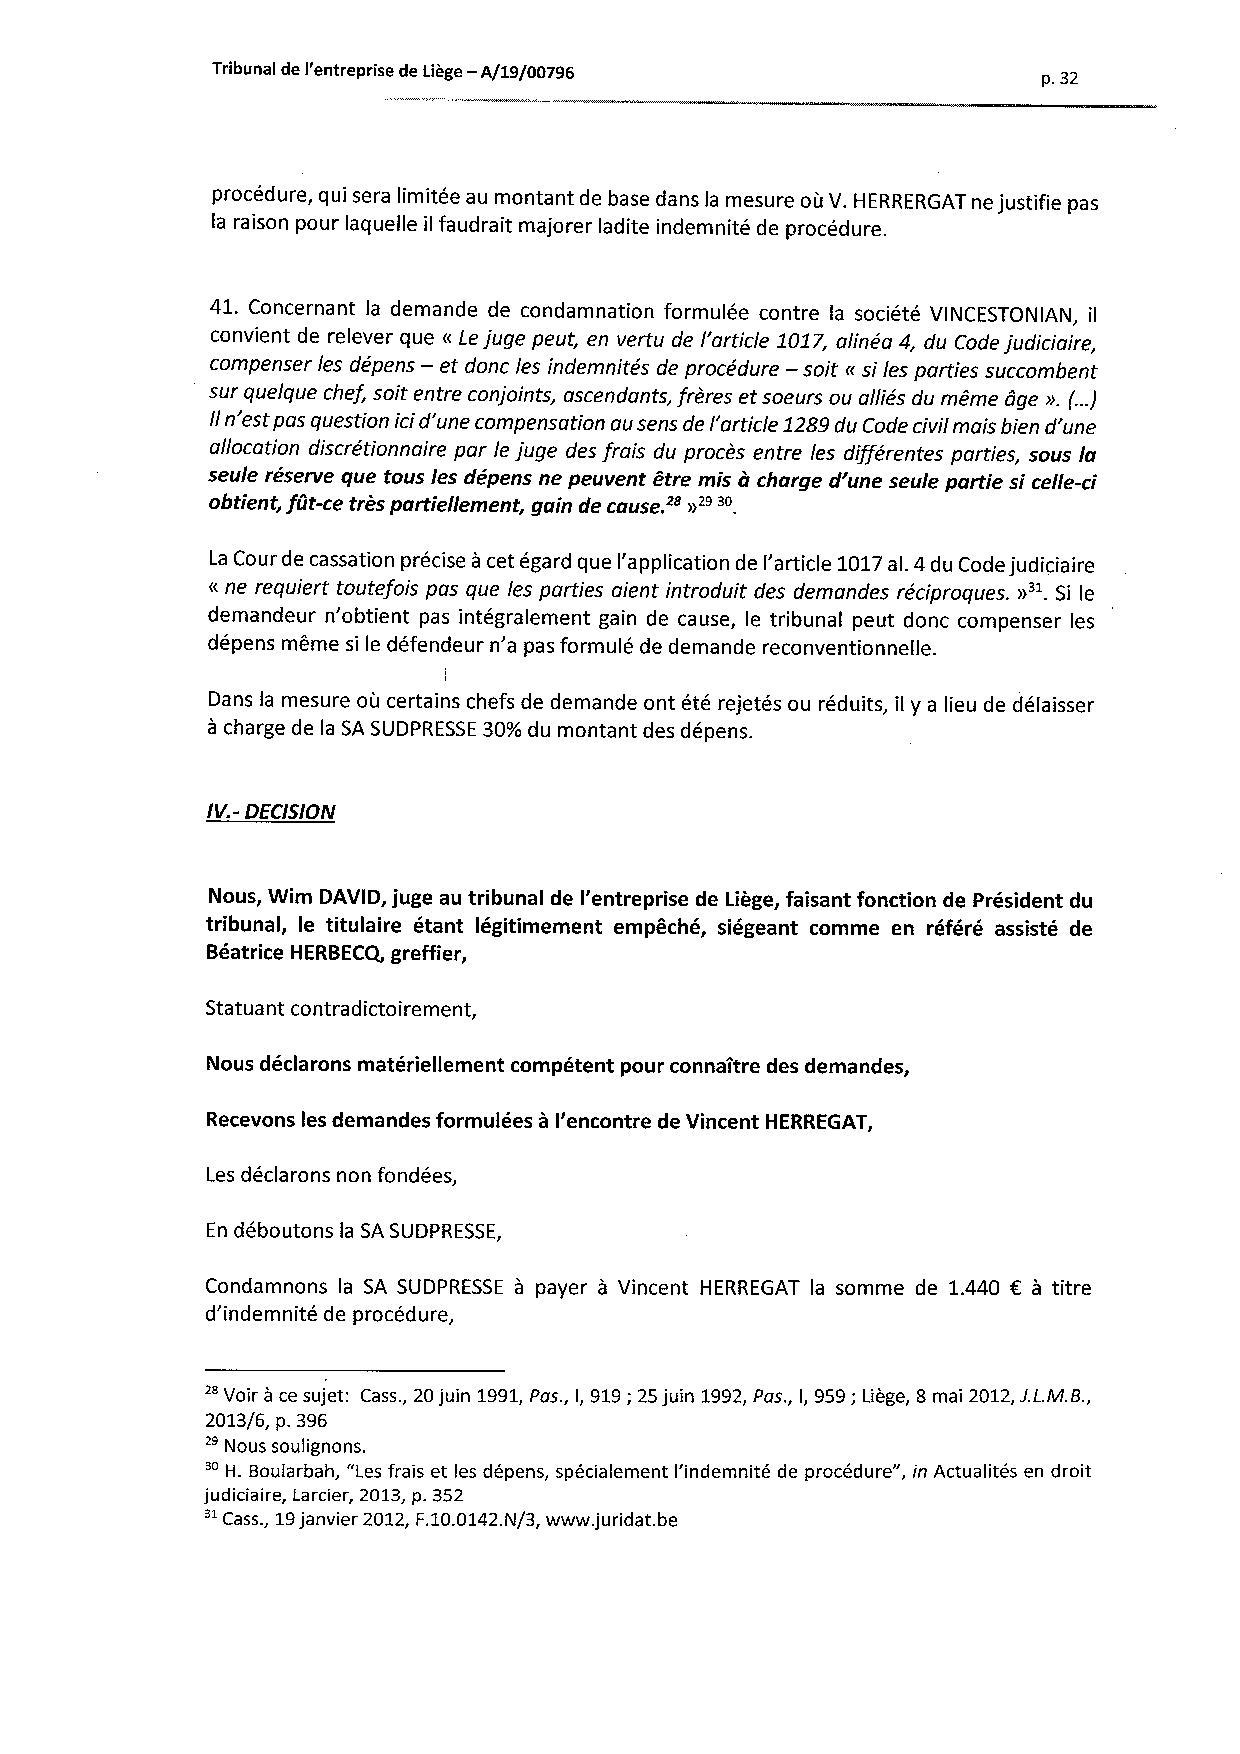 2020 01 10 SUD PRESSE c HERREGAT V et VINCESTONIAN SDE PLC (A-19-00796) aud 6-12-2019-page-032